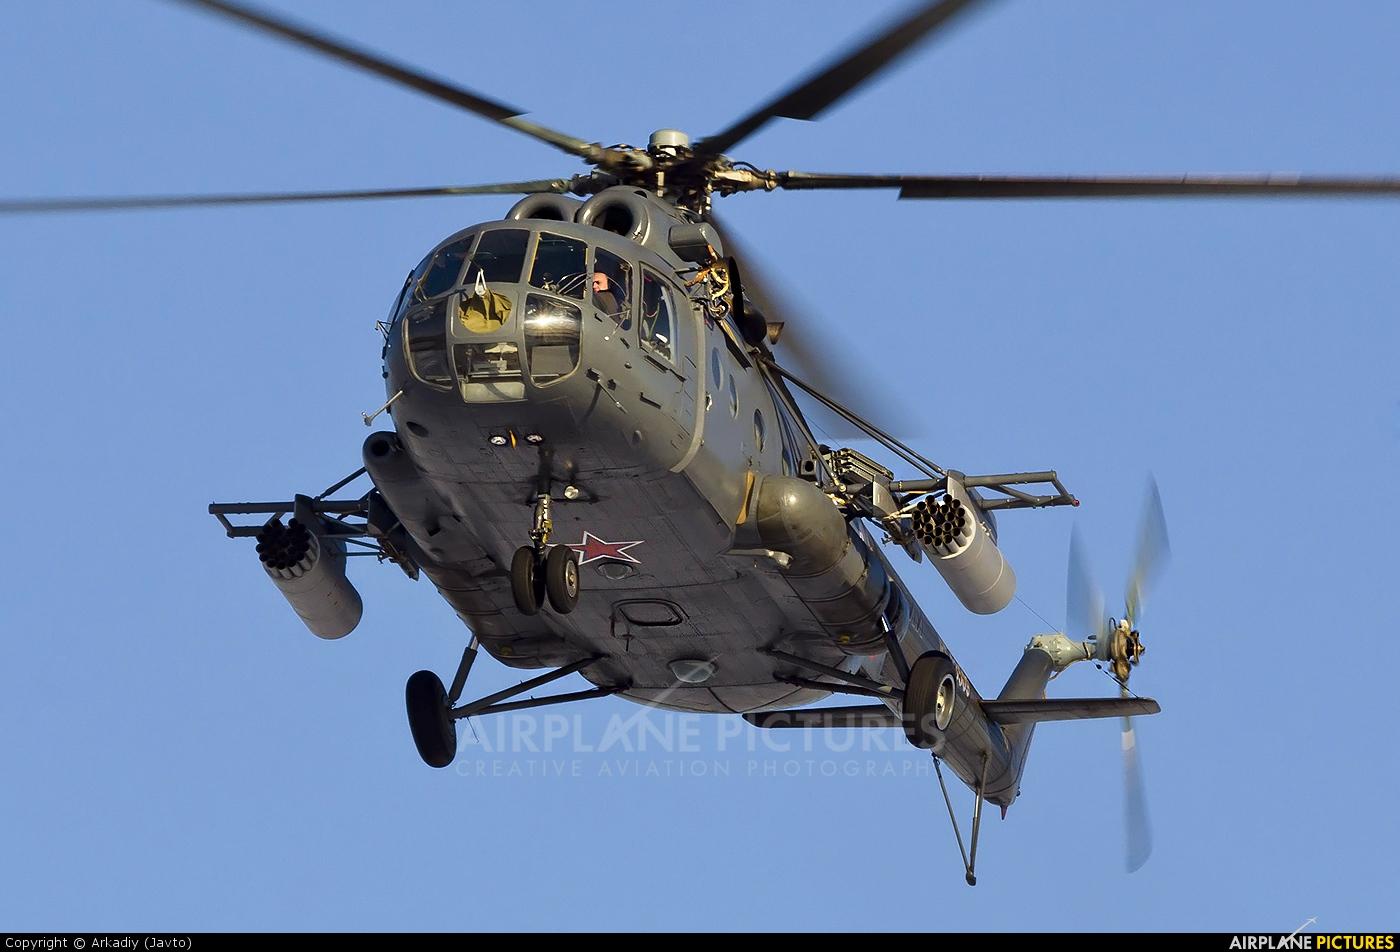 ინტერნეტში სირიაში ჩამოგდებული რუსული MI-8 ტიპის  სამხედრო სატრანპორტო შვეულფრენის ვიდეო კადრები ვრცელდება.